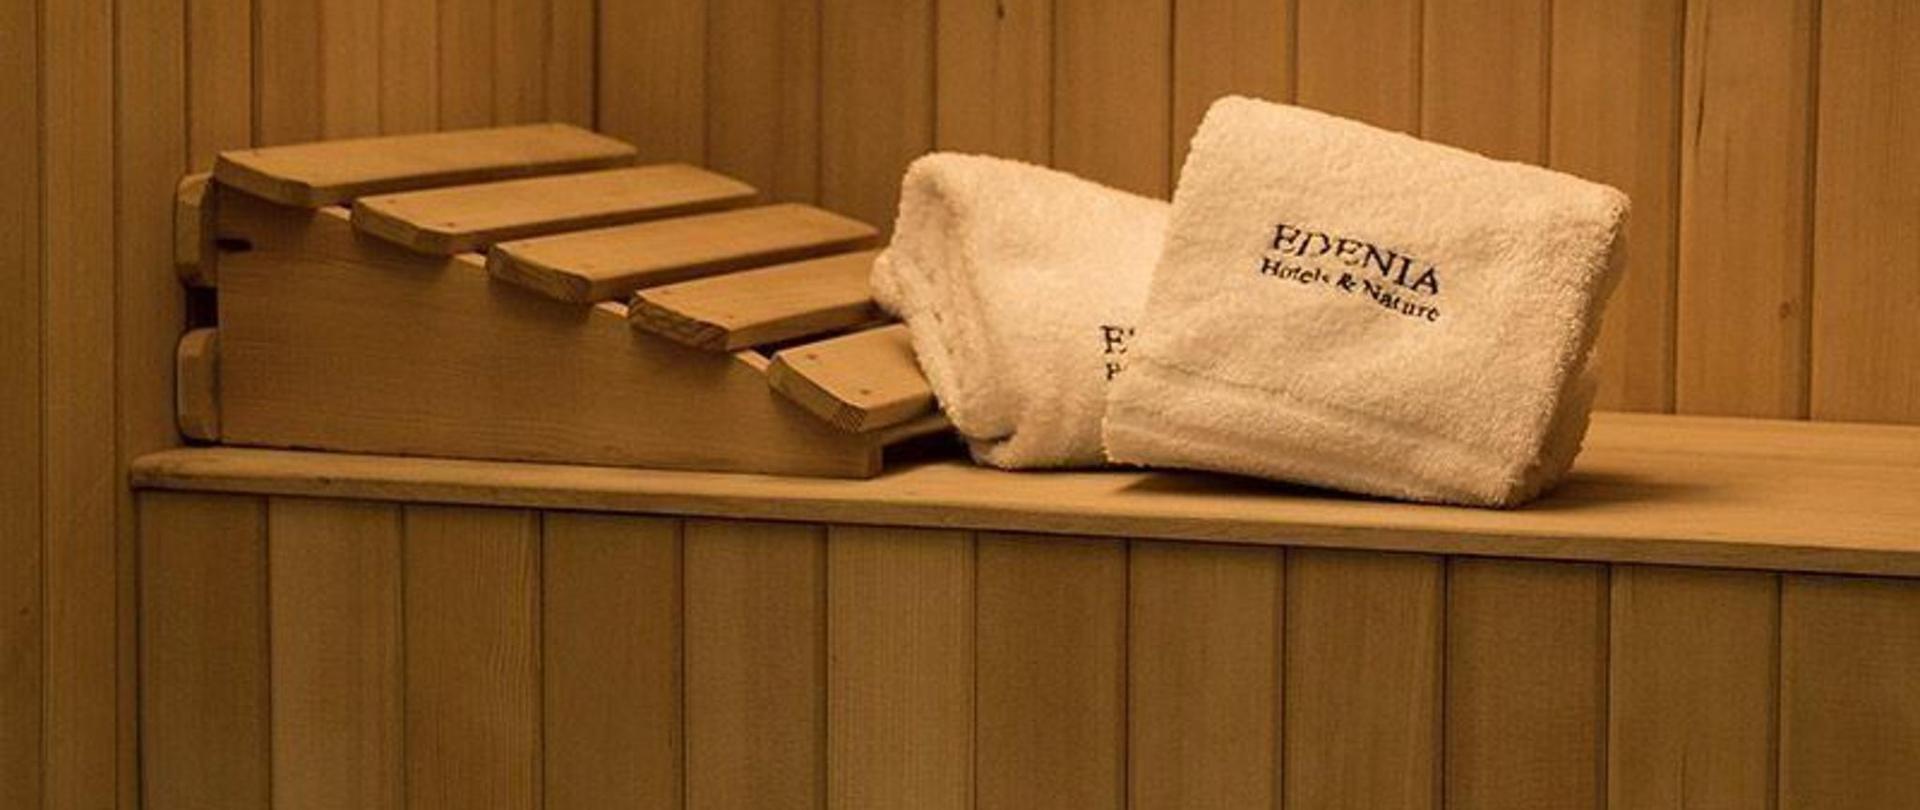 hotel-edenia-argentina-spa-sauna.jpg